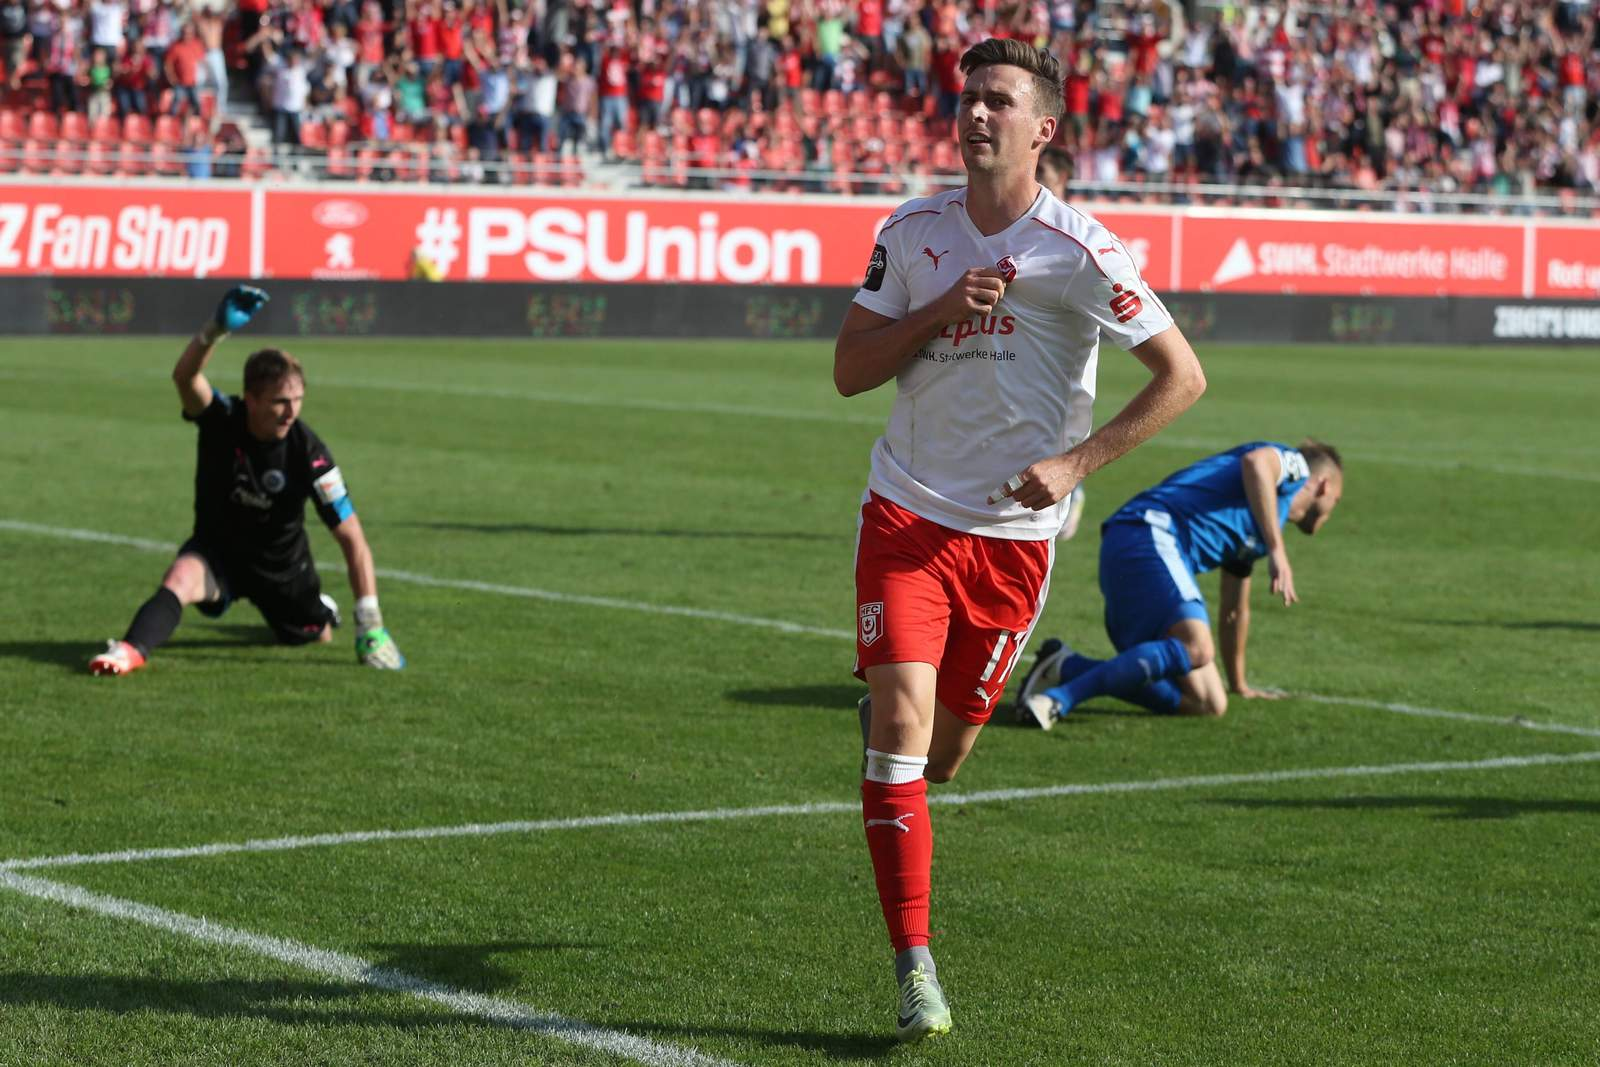 Martin Röser bejubelt einen Treffer.